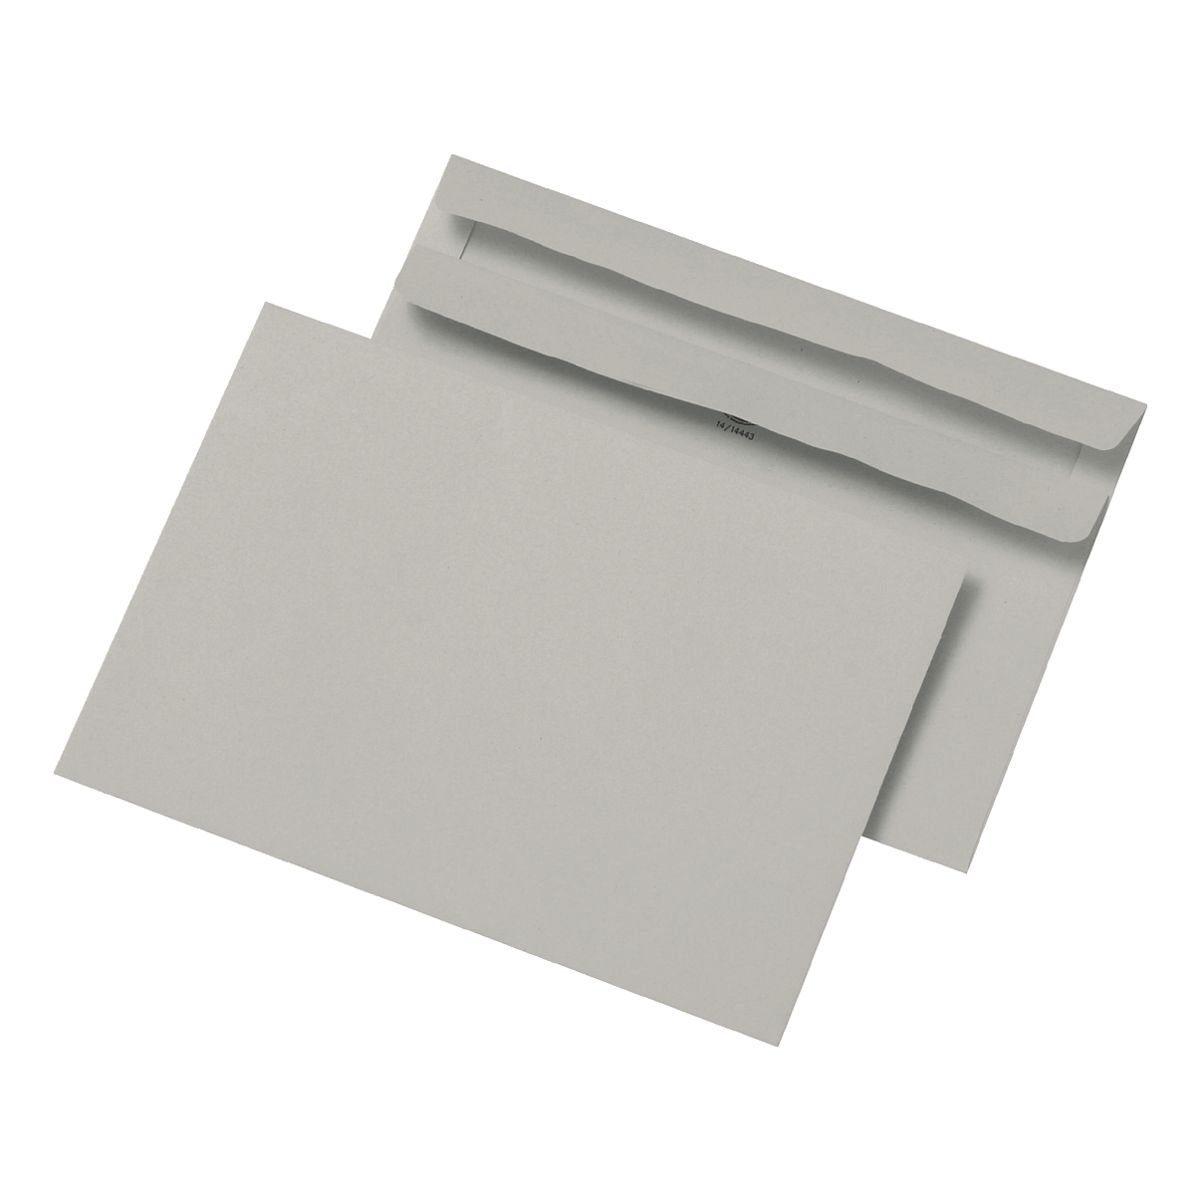 Mailmedia Briefumschläge DL ohne Fenster mit Selbstklebung